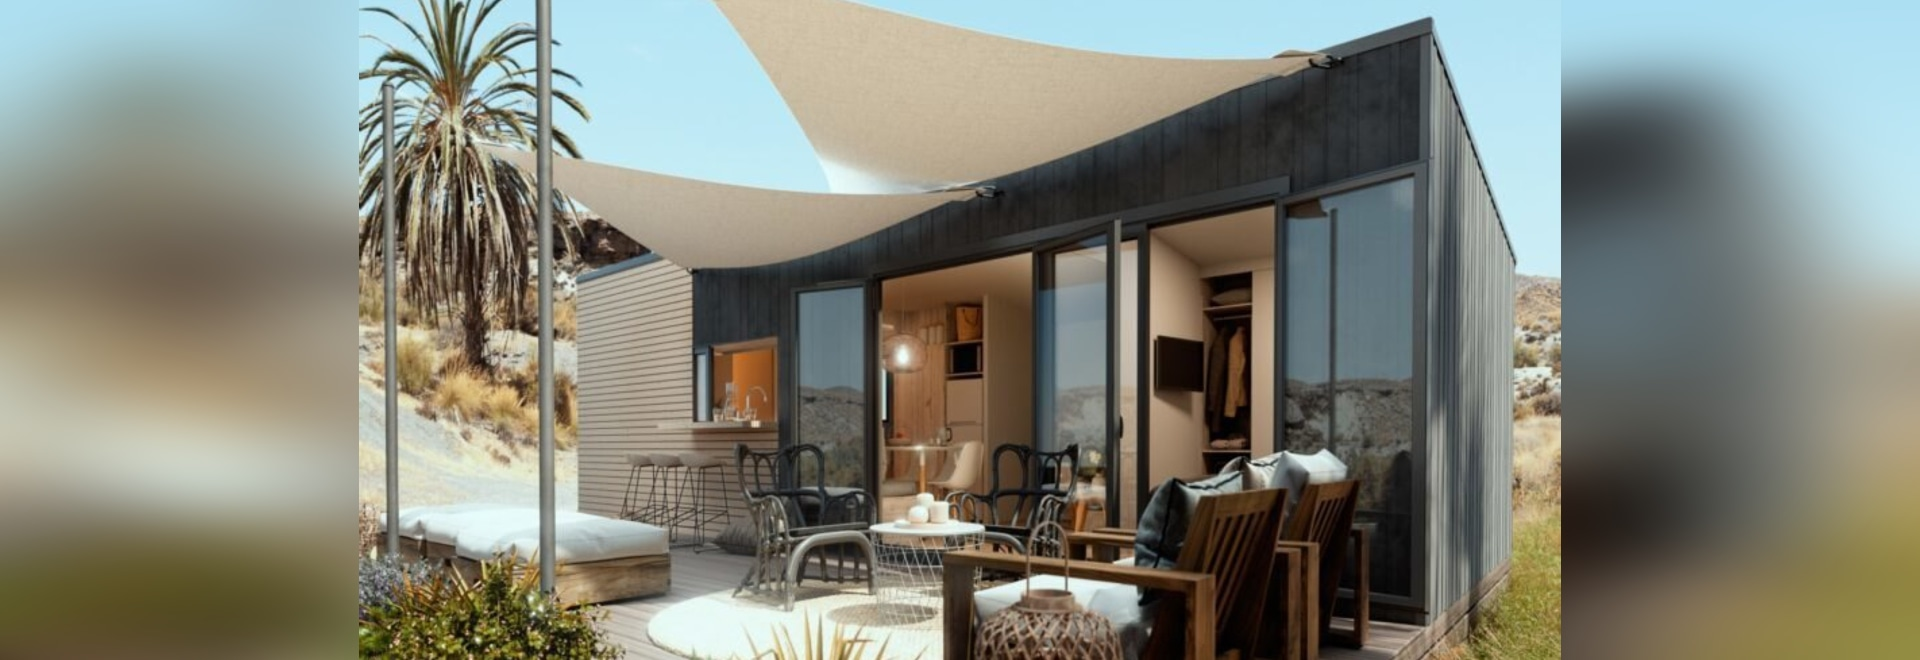 Una pequeña casa modular sobre ruedas puede albergar a una familia de 6 personas